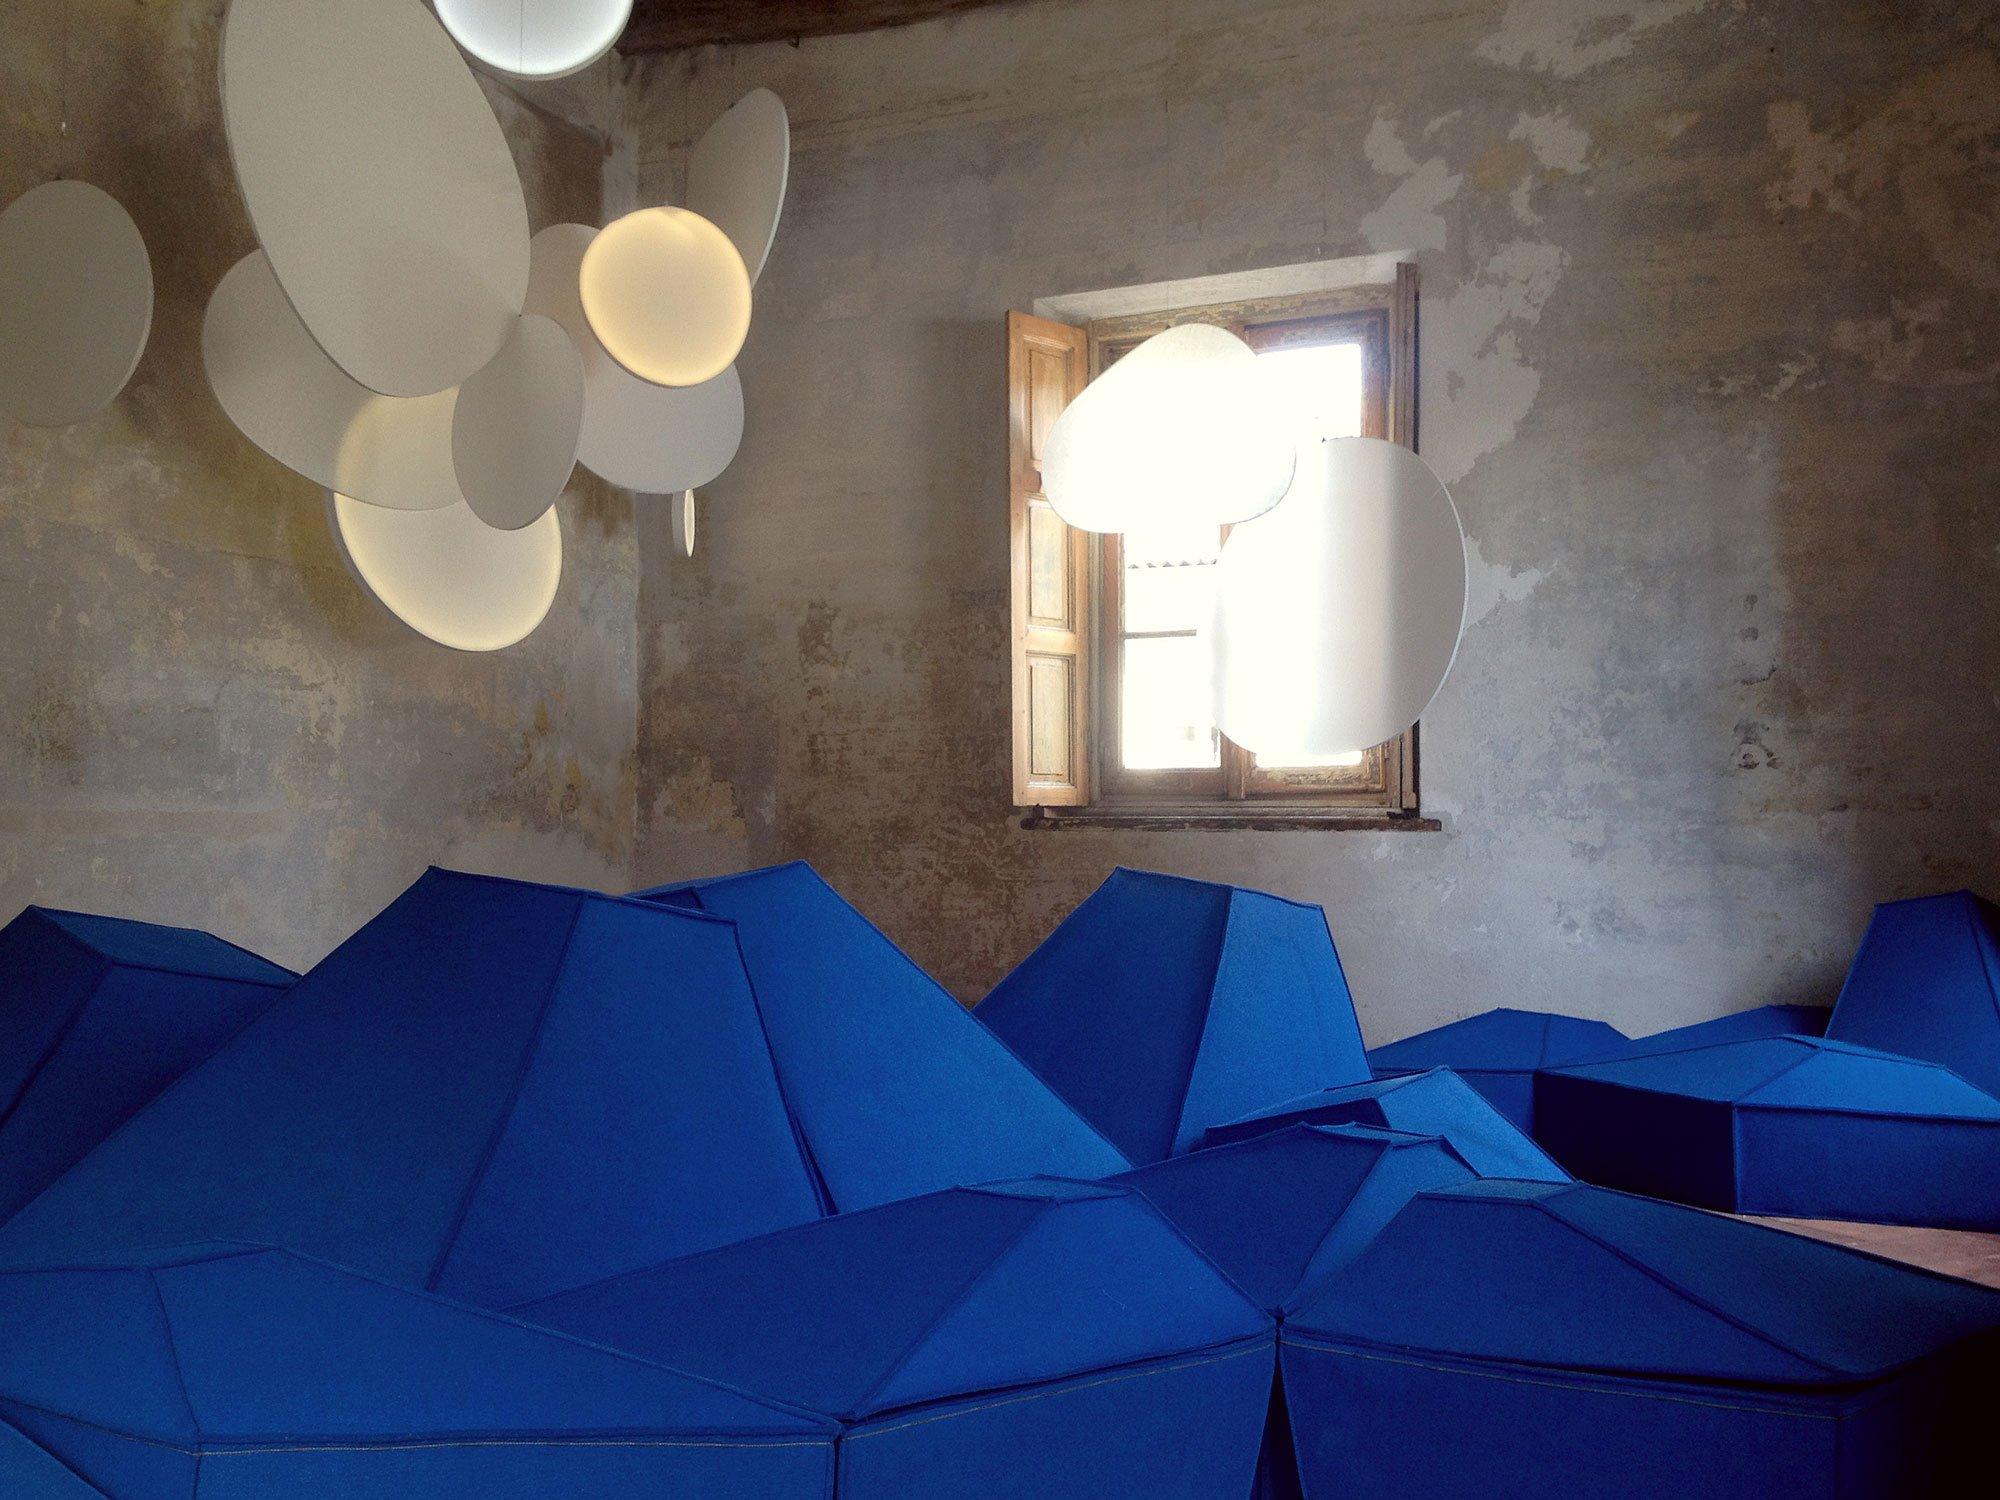 Milan design week kairos references smarin for Milan design week